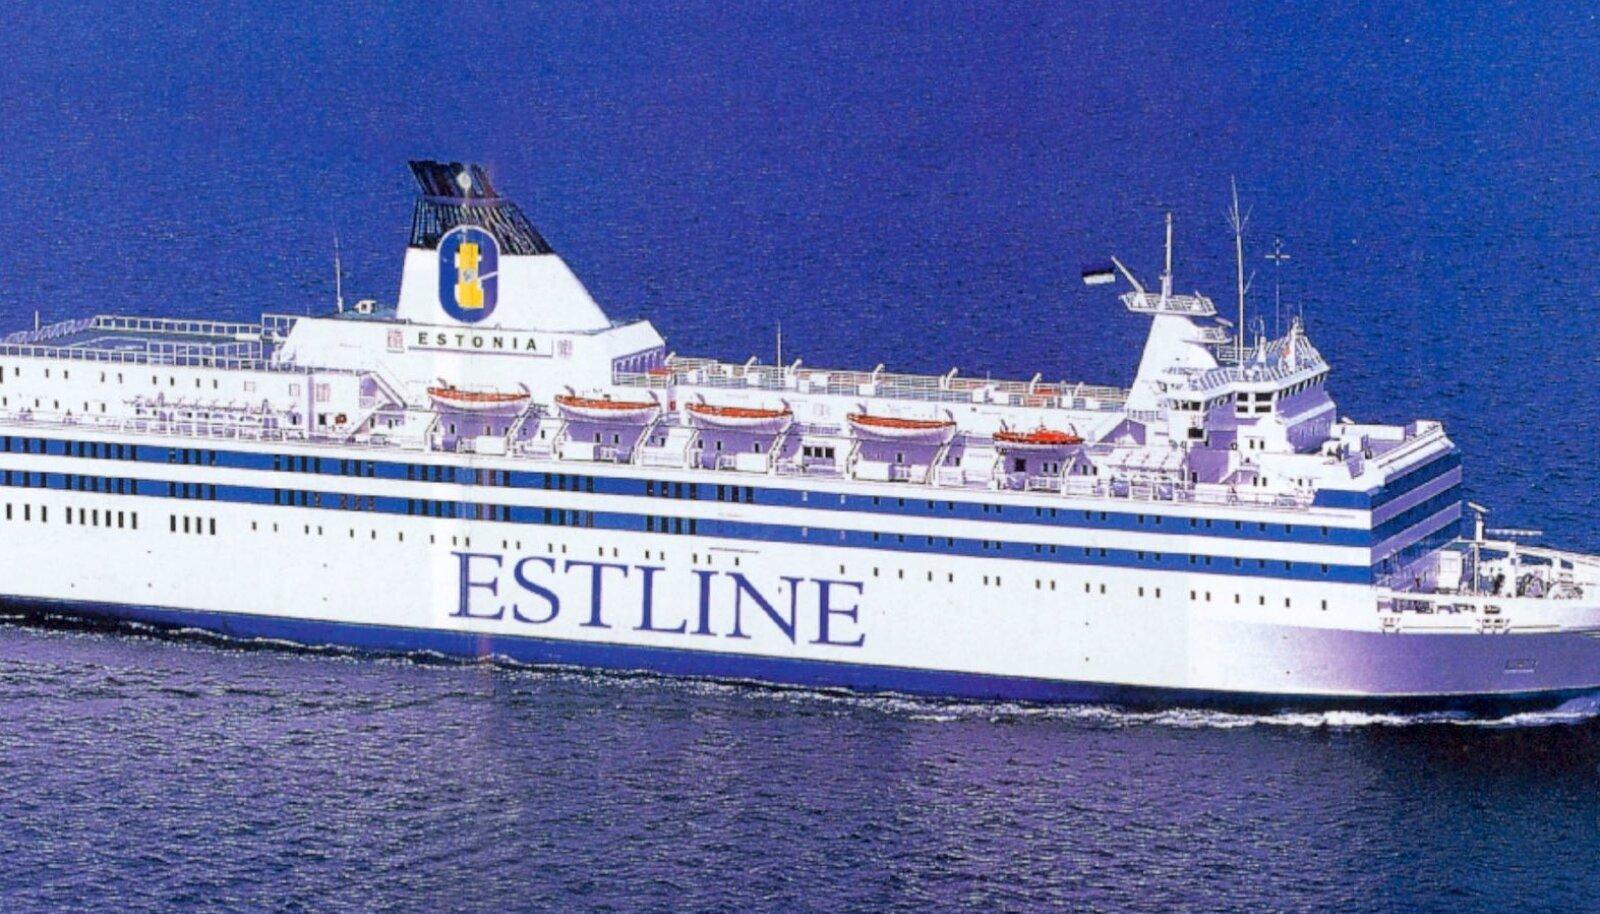 Eesti soovib alustada uut uurimist Estonia hukkumise asjaolude väljaselgitamiseks.